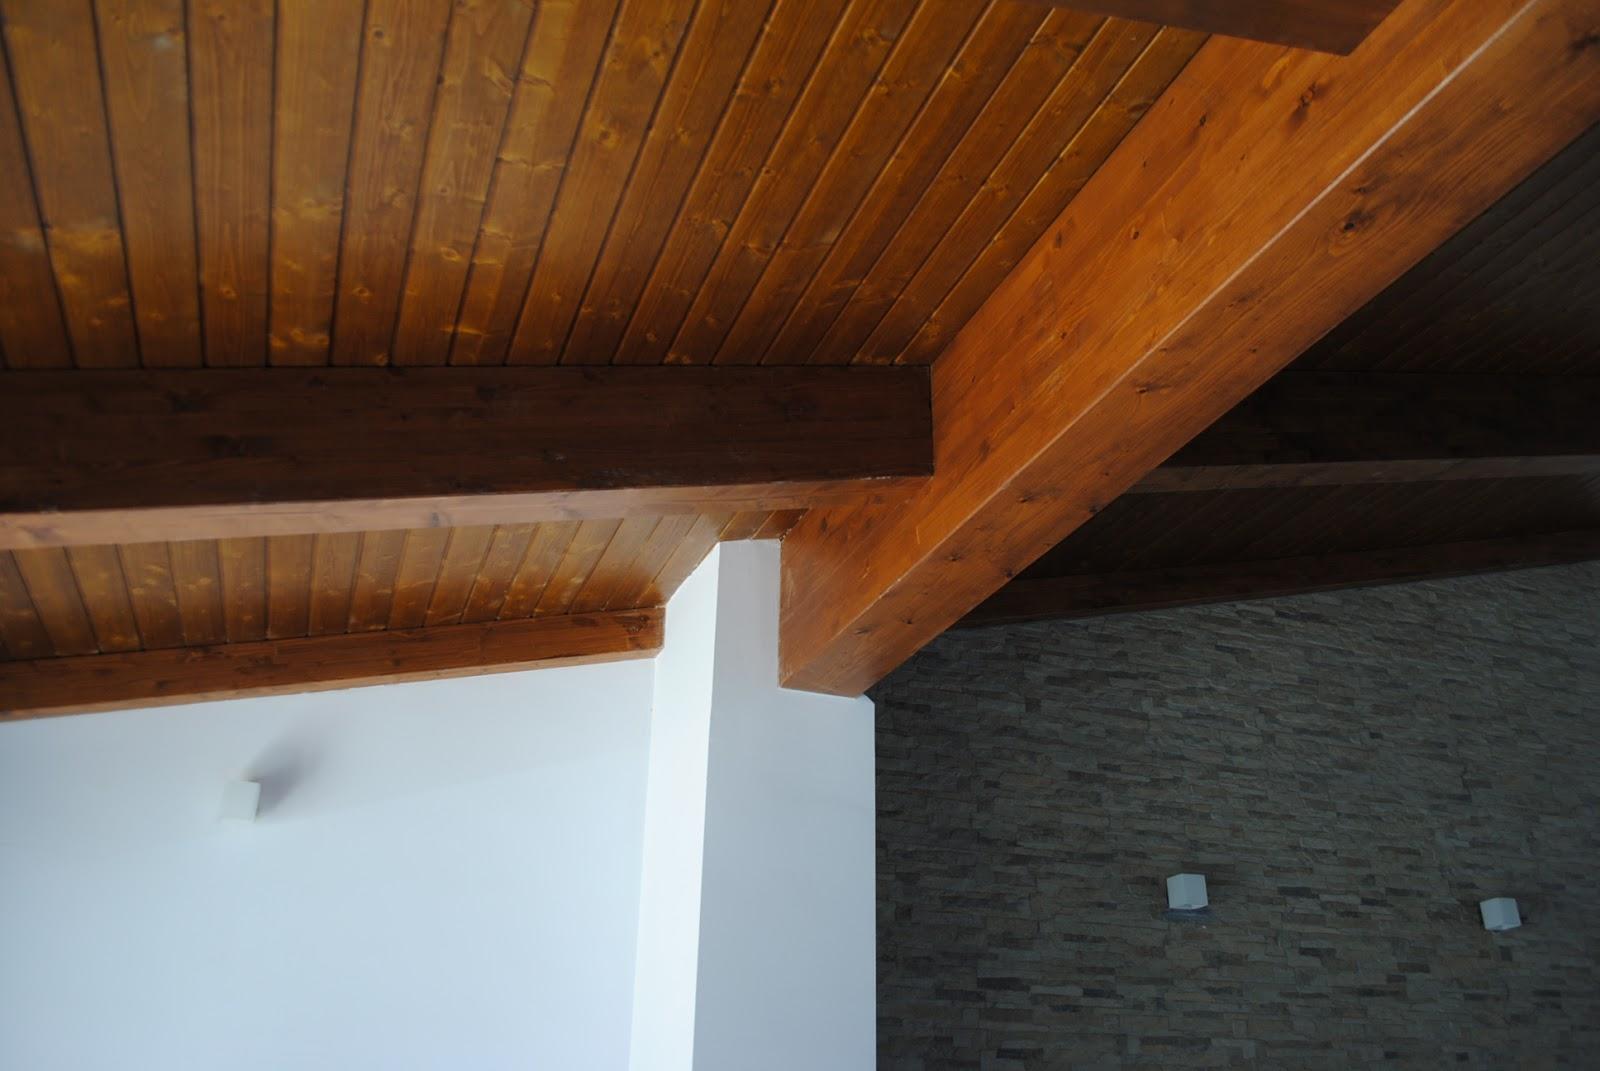 Estructuras de madera cutecma por qu un tejado de madera - Estructuras de madera para tejados ...